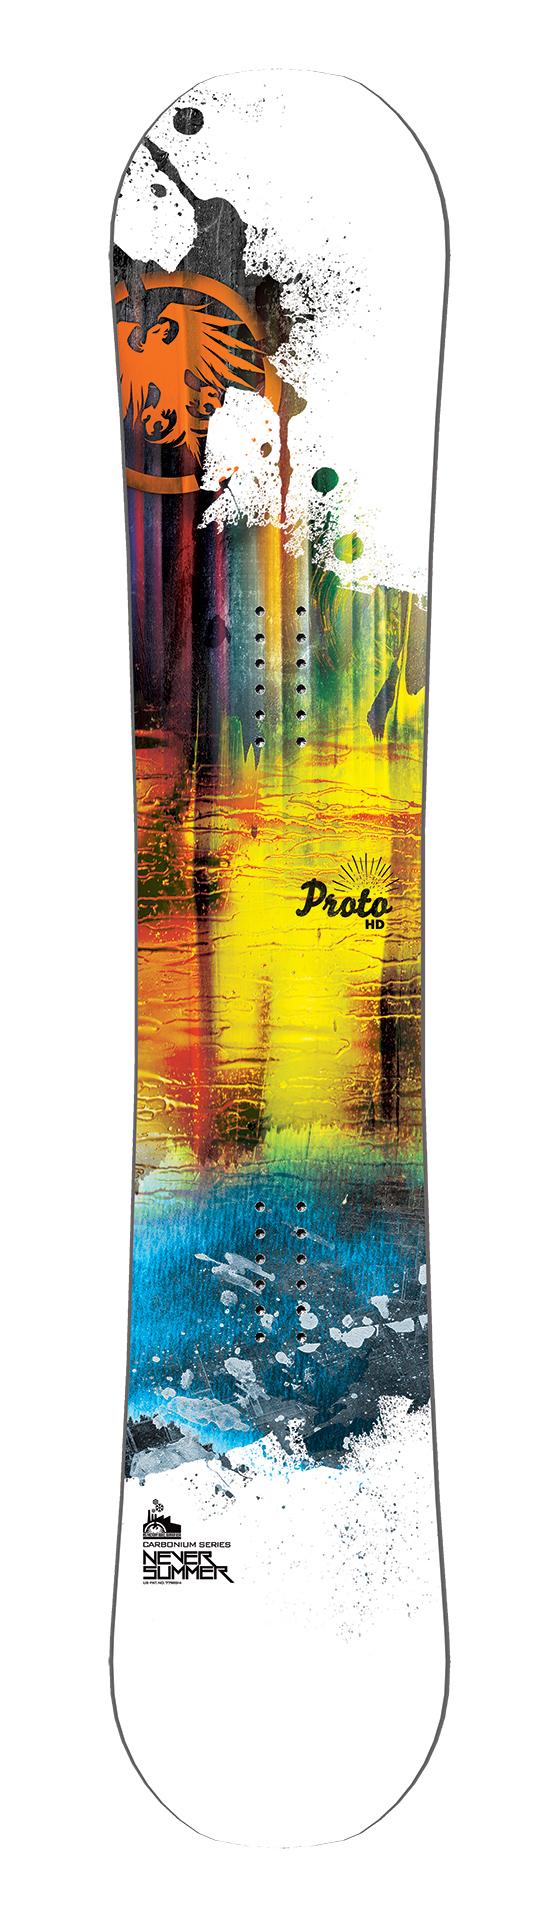 Proto Board - Never Summer